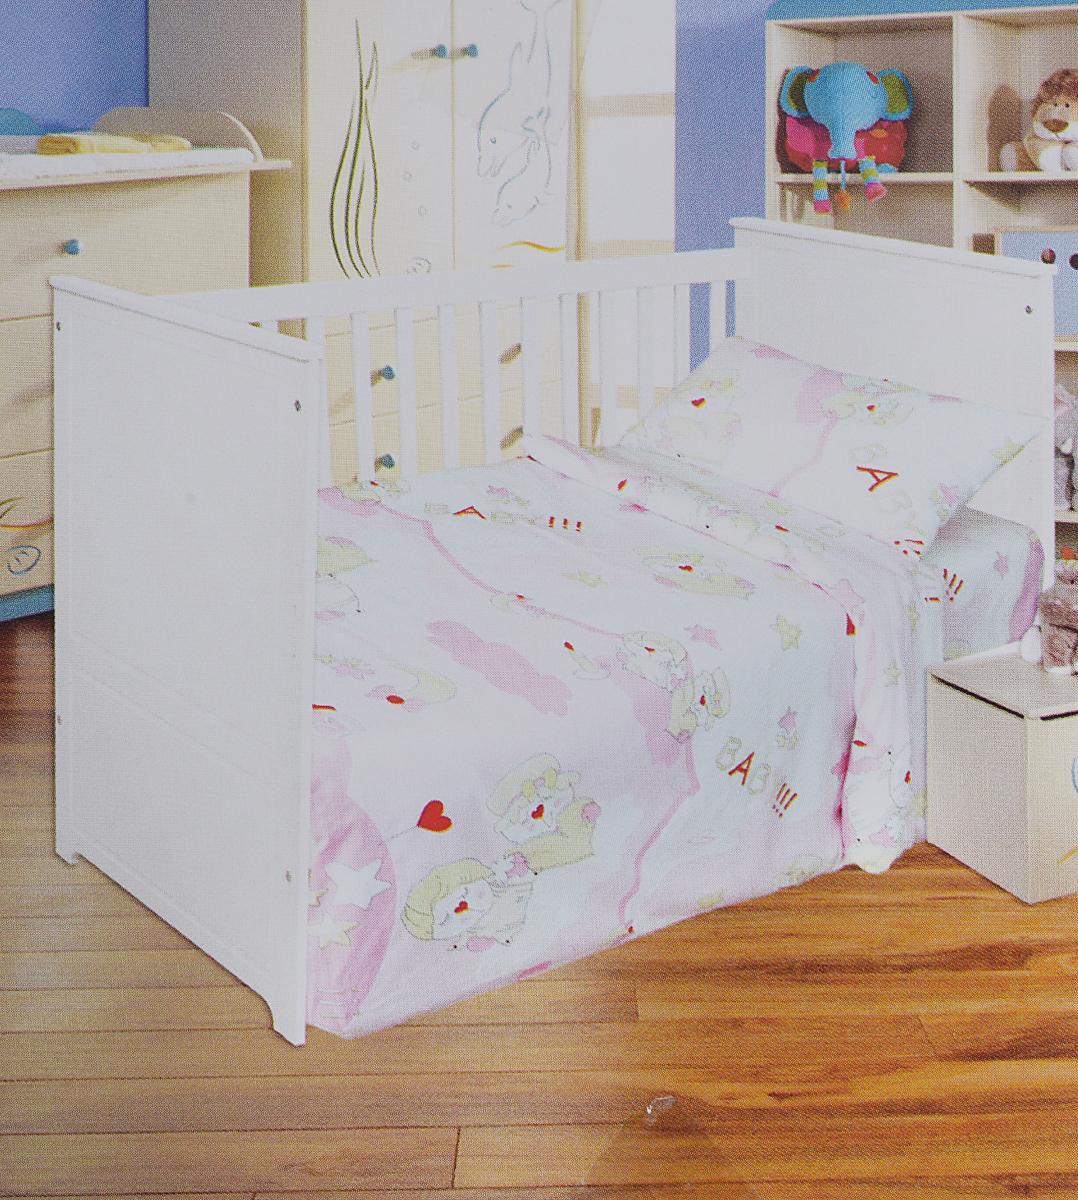 Bonne Fee Комплект белья для новорожденных Гномики цвет розовыйКДРГпк/110х140 розКомплект белья для новорожденных Bonne Fee Гномики выполнен в нежных тонах и украшен забавным рисунком. Комплект белья Гномики создаст комфорт и уют в кроватке малыша и обеспечит крепкий и здоровый сон, а современный дизайн и цветовые сочетания помогут ребенку адаптироваться в новом для него мире. Комплект белья для новорожденных Bonne Fee Гномики хорошо впишется в интерьер детской комнаты, или спальни родителей. Комплект постельного белья Гномики выполнен из натурального и экологически чистого 100% хлопка. Качество материала обеспечивает легкость стирки и долговечность. Комплект включает в себя наволочку, пододеяльник и простыню.